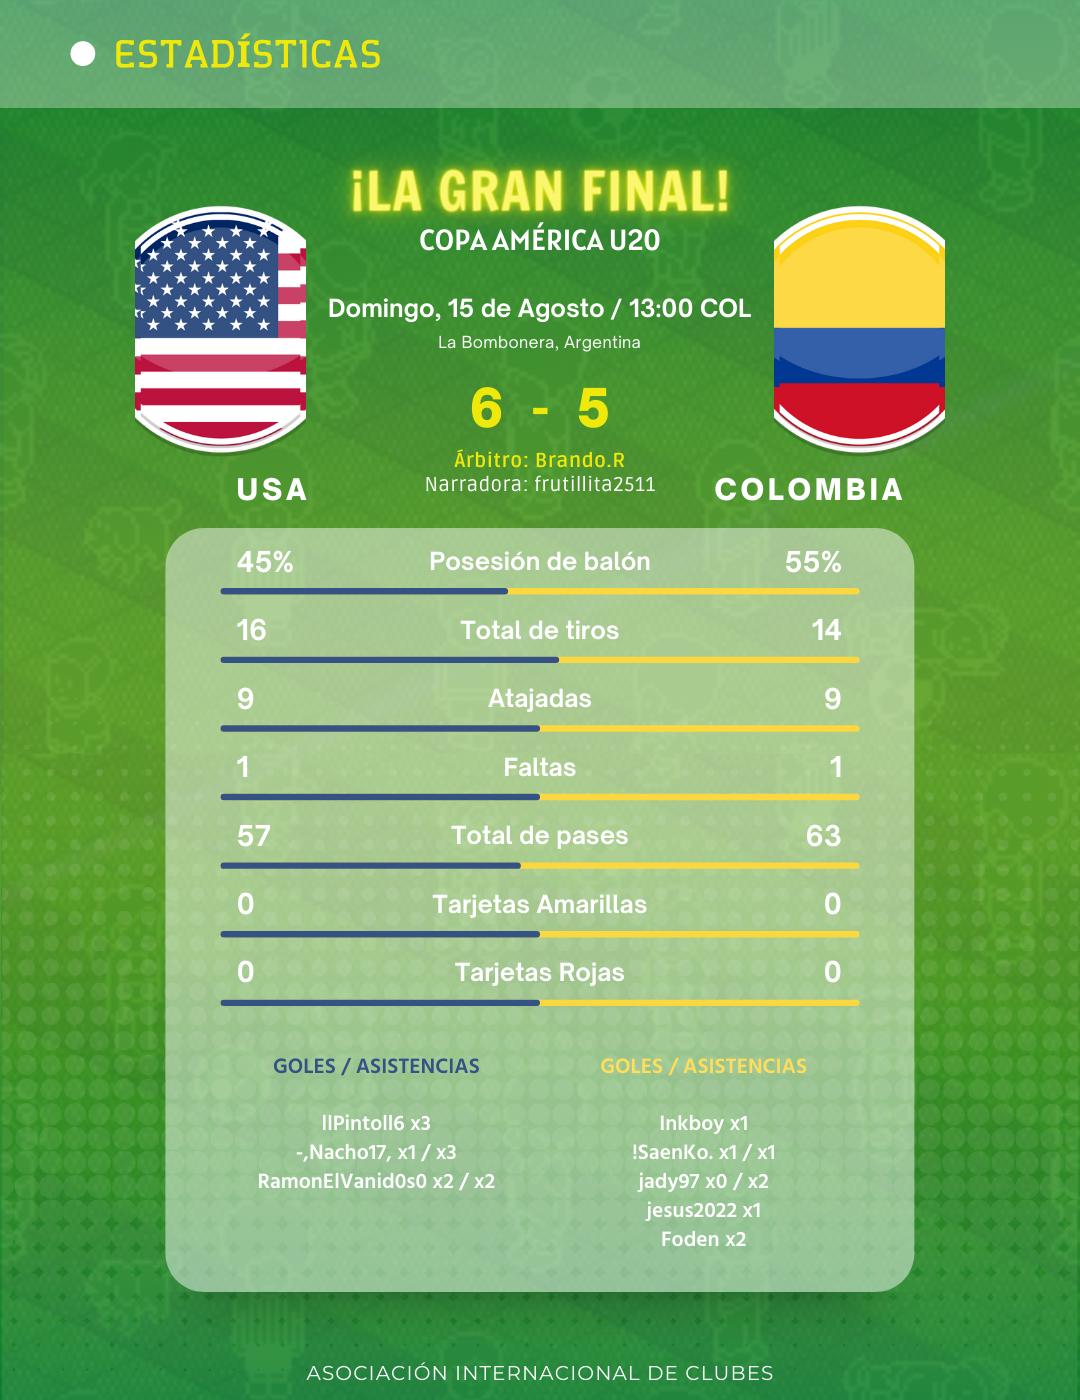 [AICv27] Resumen Final de Copa América Colombia 2021 & Copa América SUB-20 Argentina 2021 // Nominad@s Award's Competencias de Selecciones // Información de la Gala Award's 0001-6055490092_20210816_154430_0000